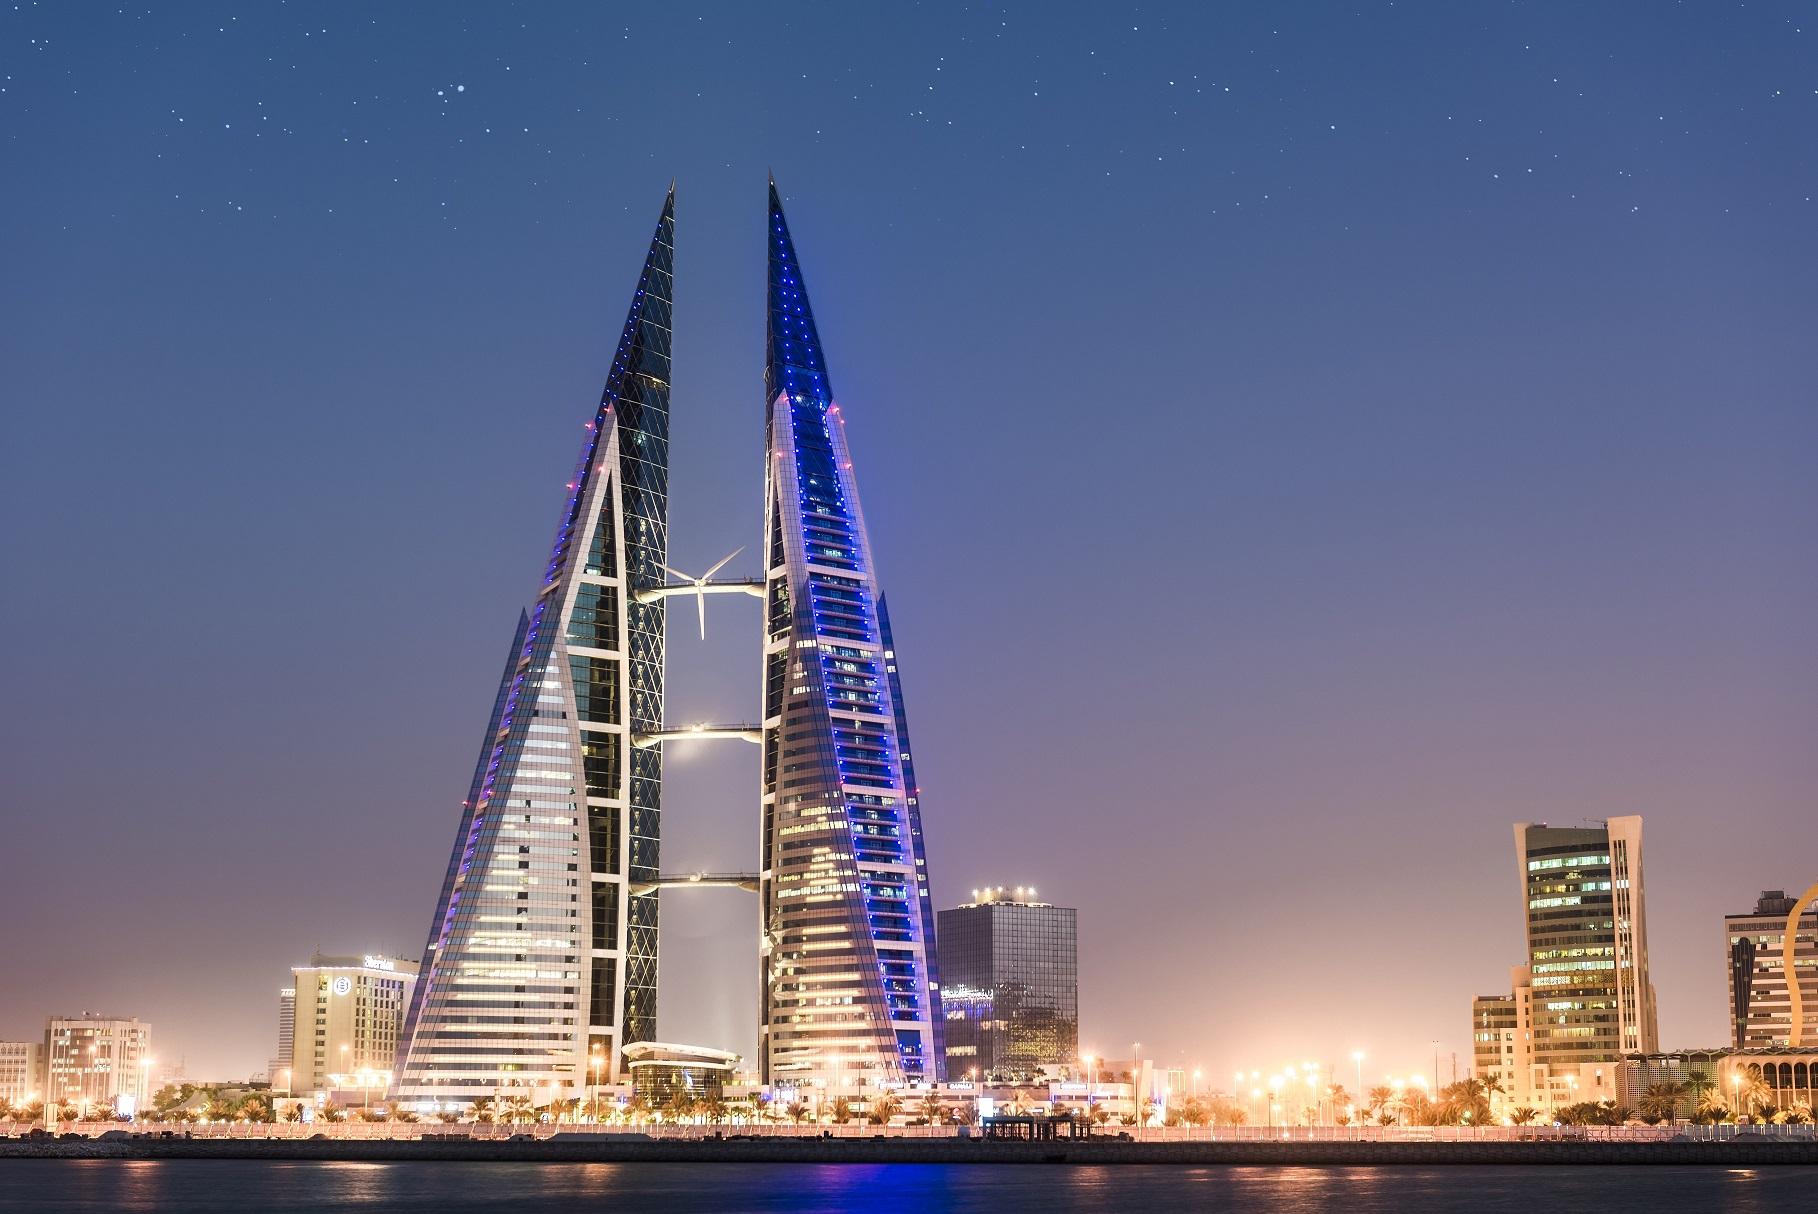 بالصور  ..  افضل 10 اماكن سياحية في البحرين للعائلات